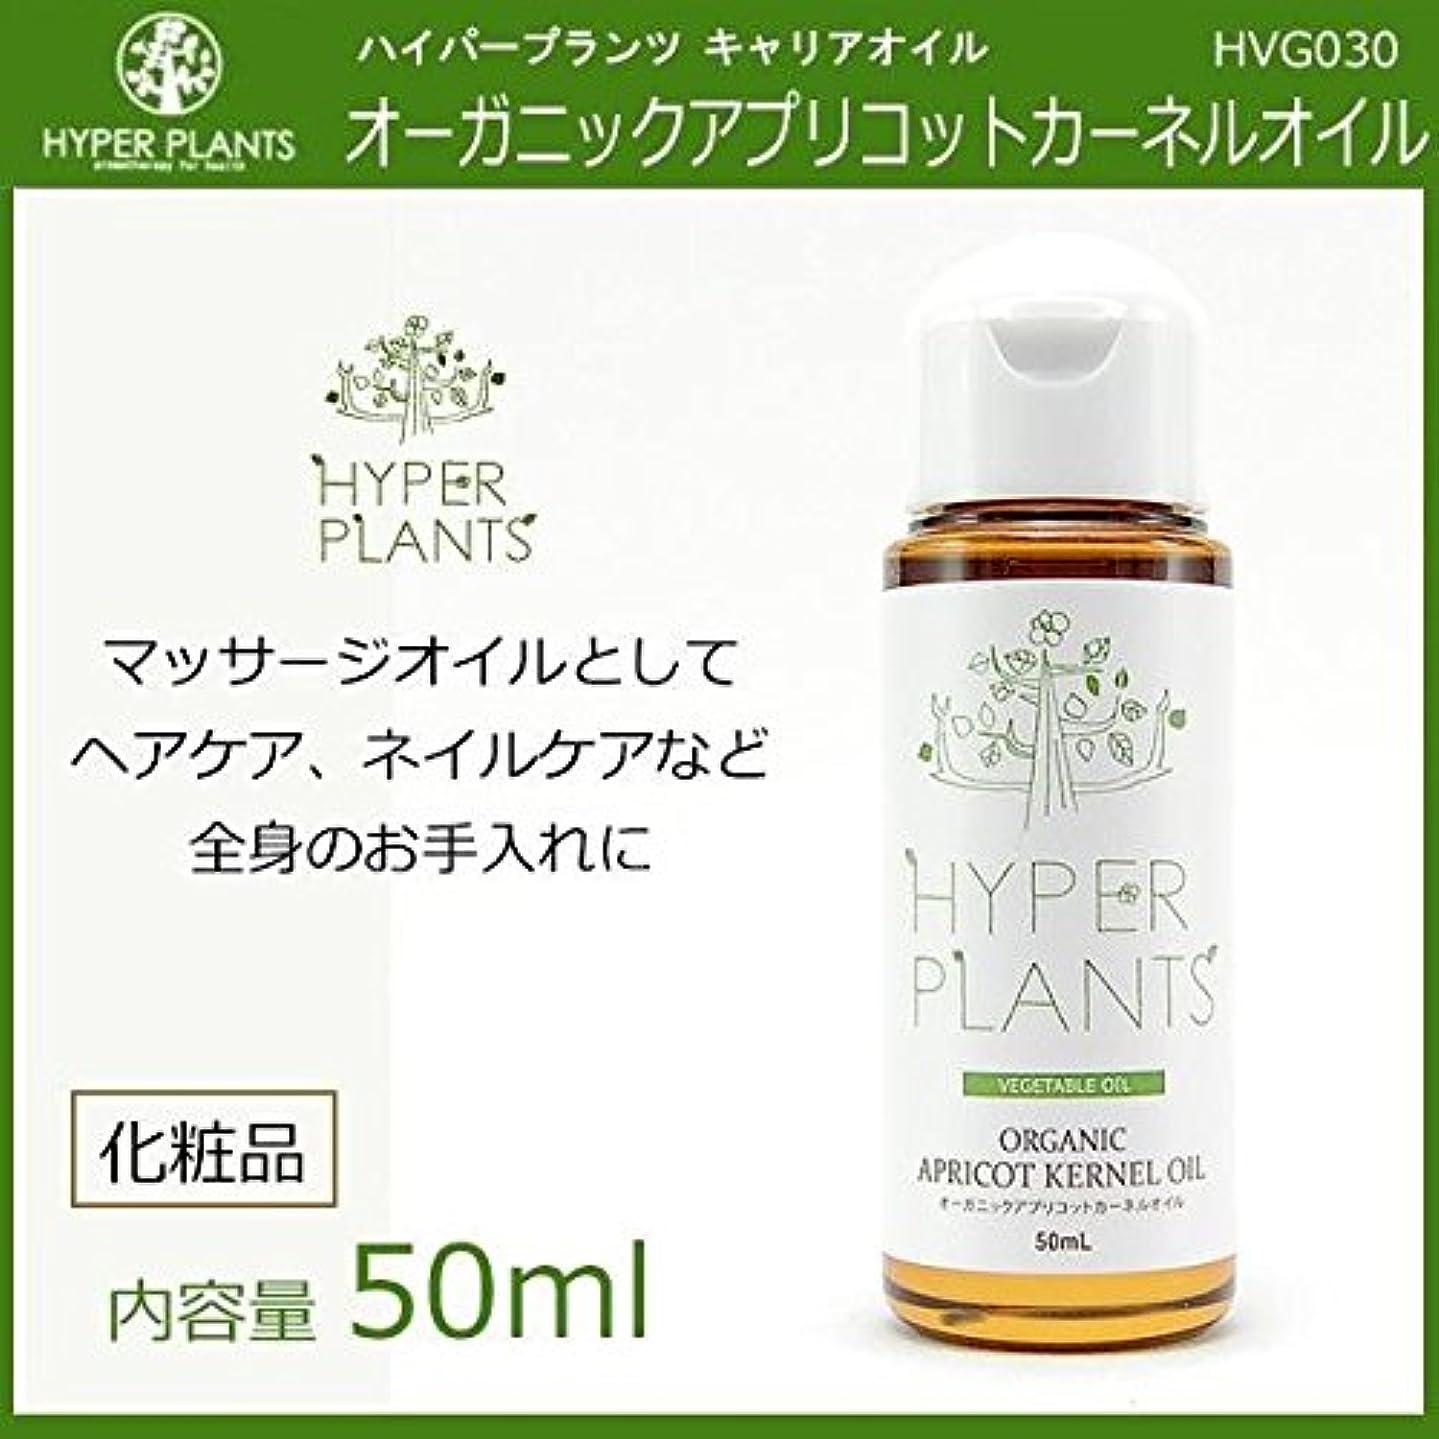 聡明廃棄する天国HYPER PLANTS ハイパープランツ キャリアオイル オーガニックアプリコットカーネルオイル 50ml HVG030